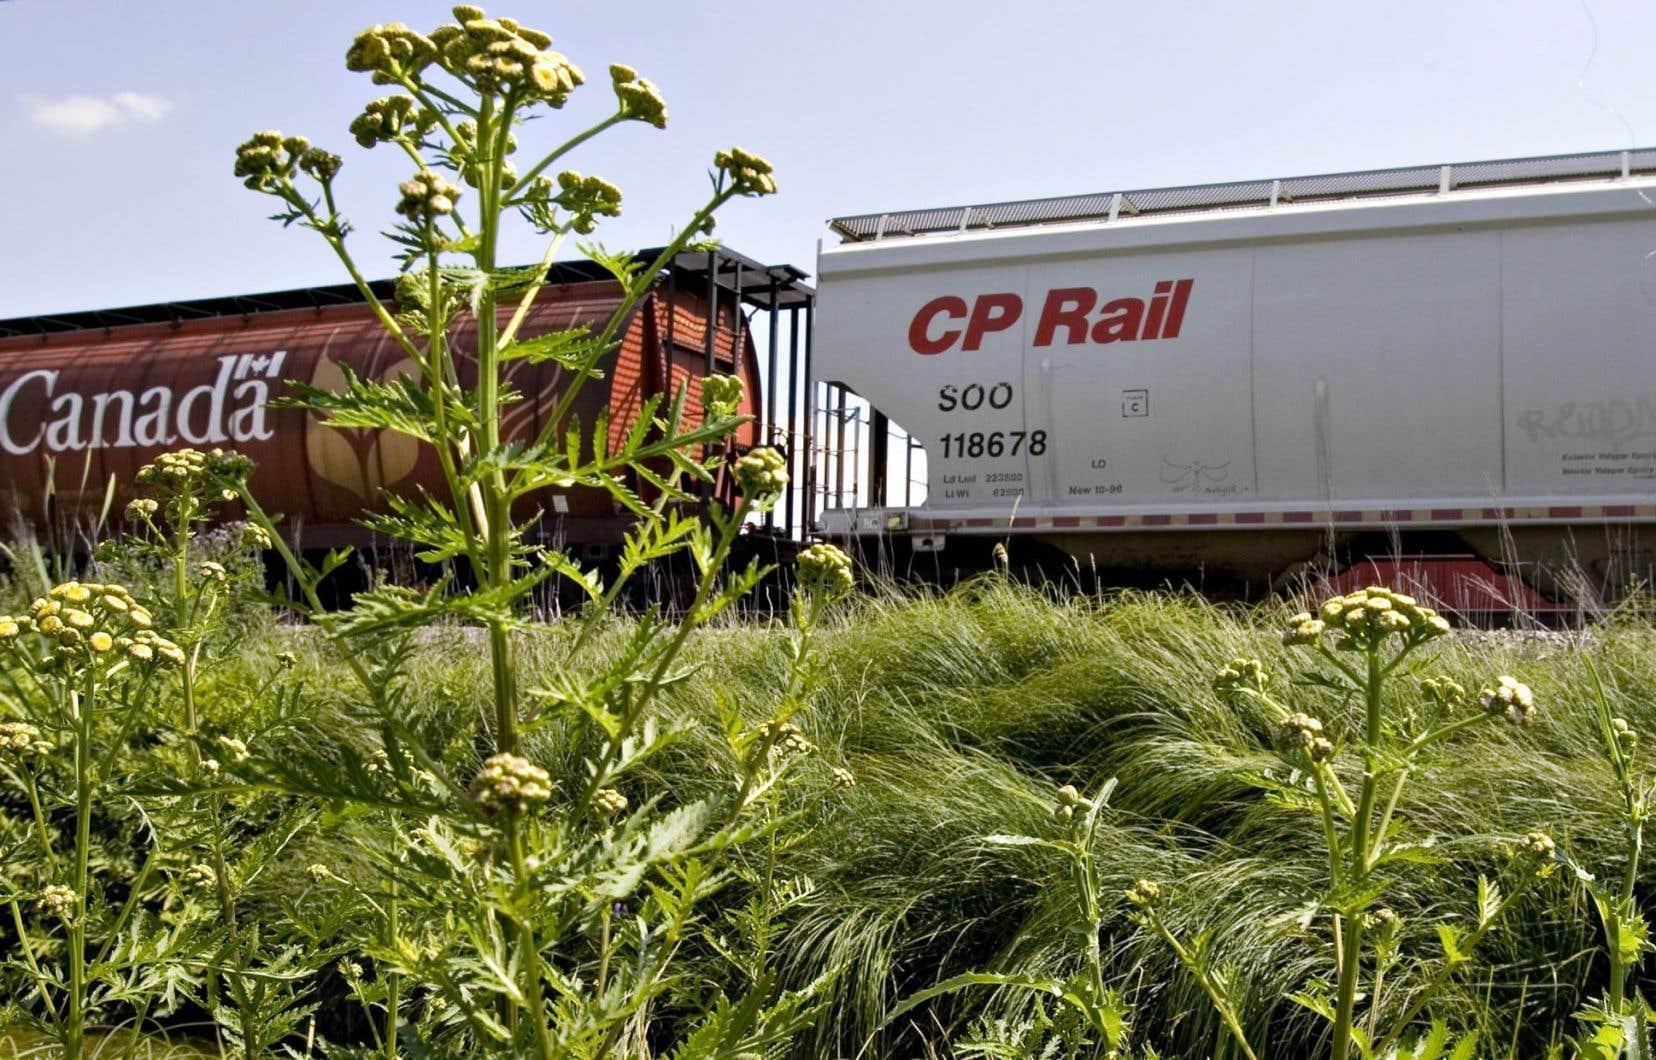 Le Canada est l'un des seuls endroits au monde où il n'y a pas de rails réservés au transport des passagers. Ici, c'est le règne du transport des marchandises.